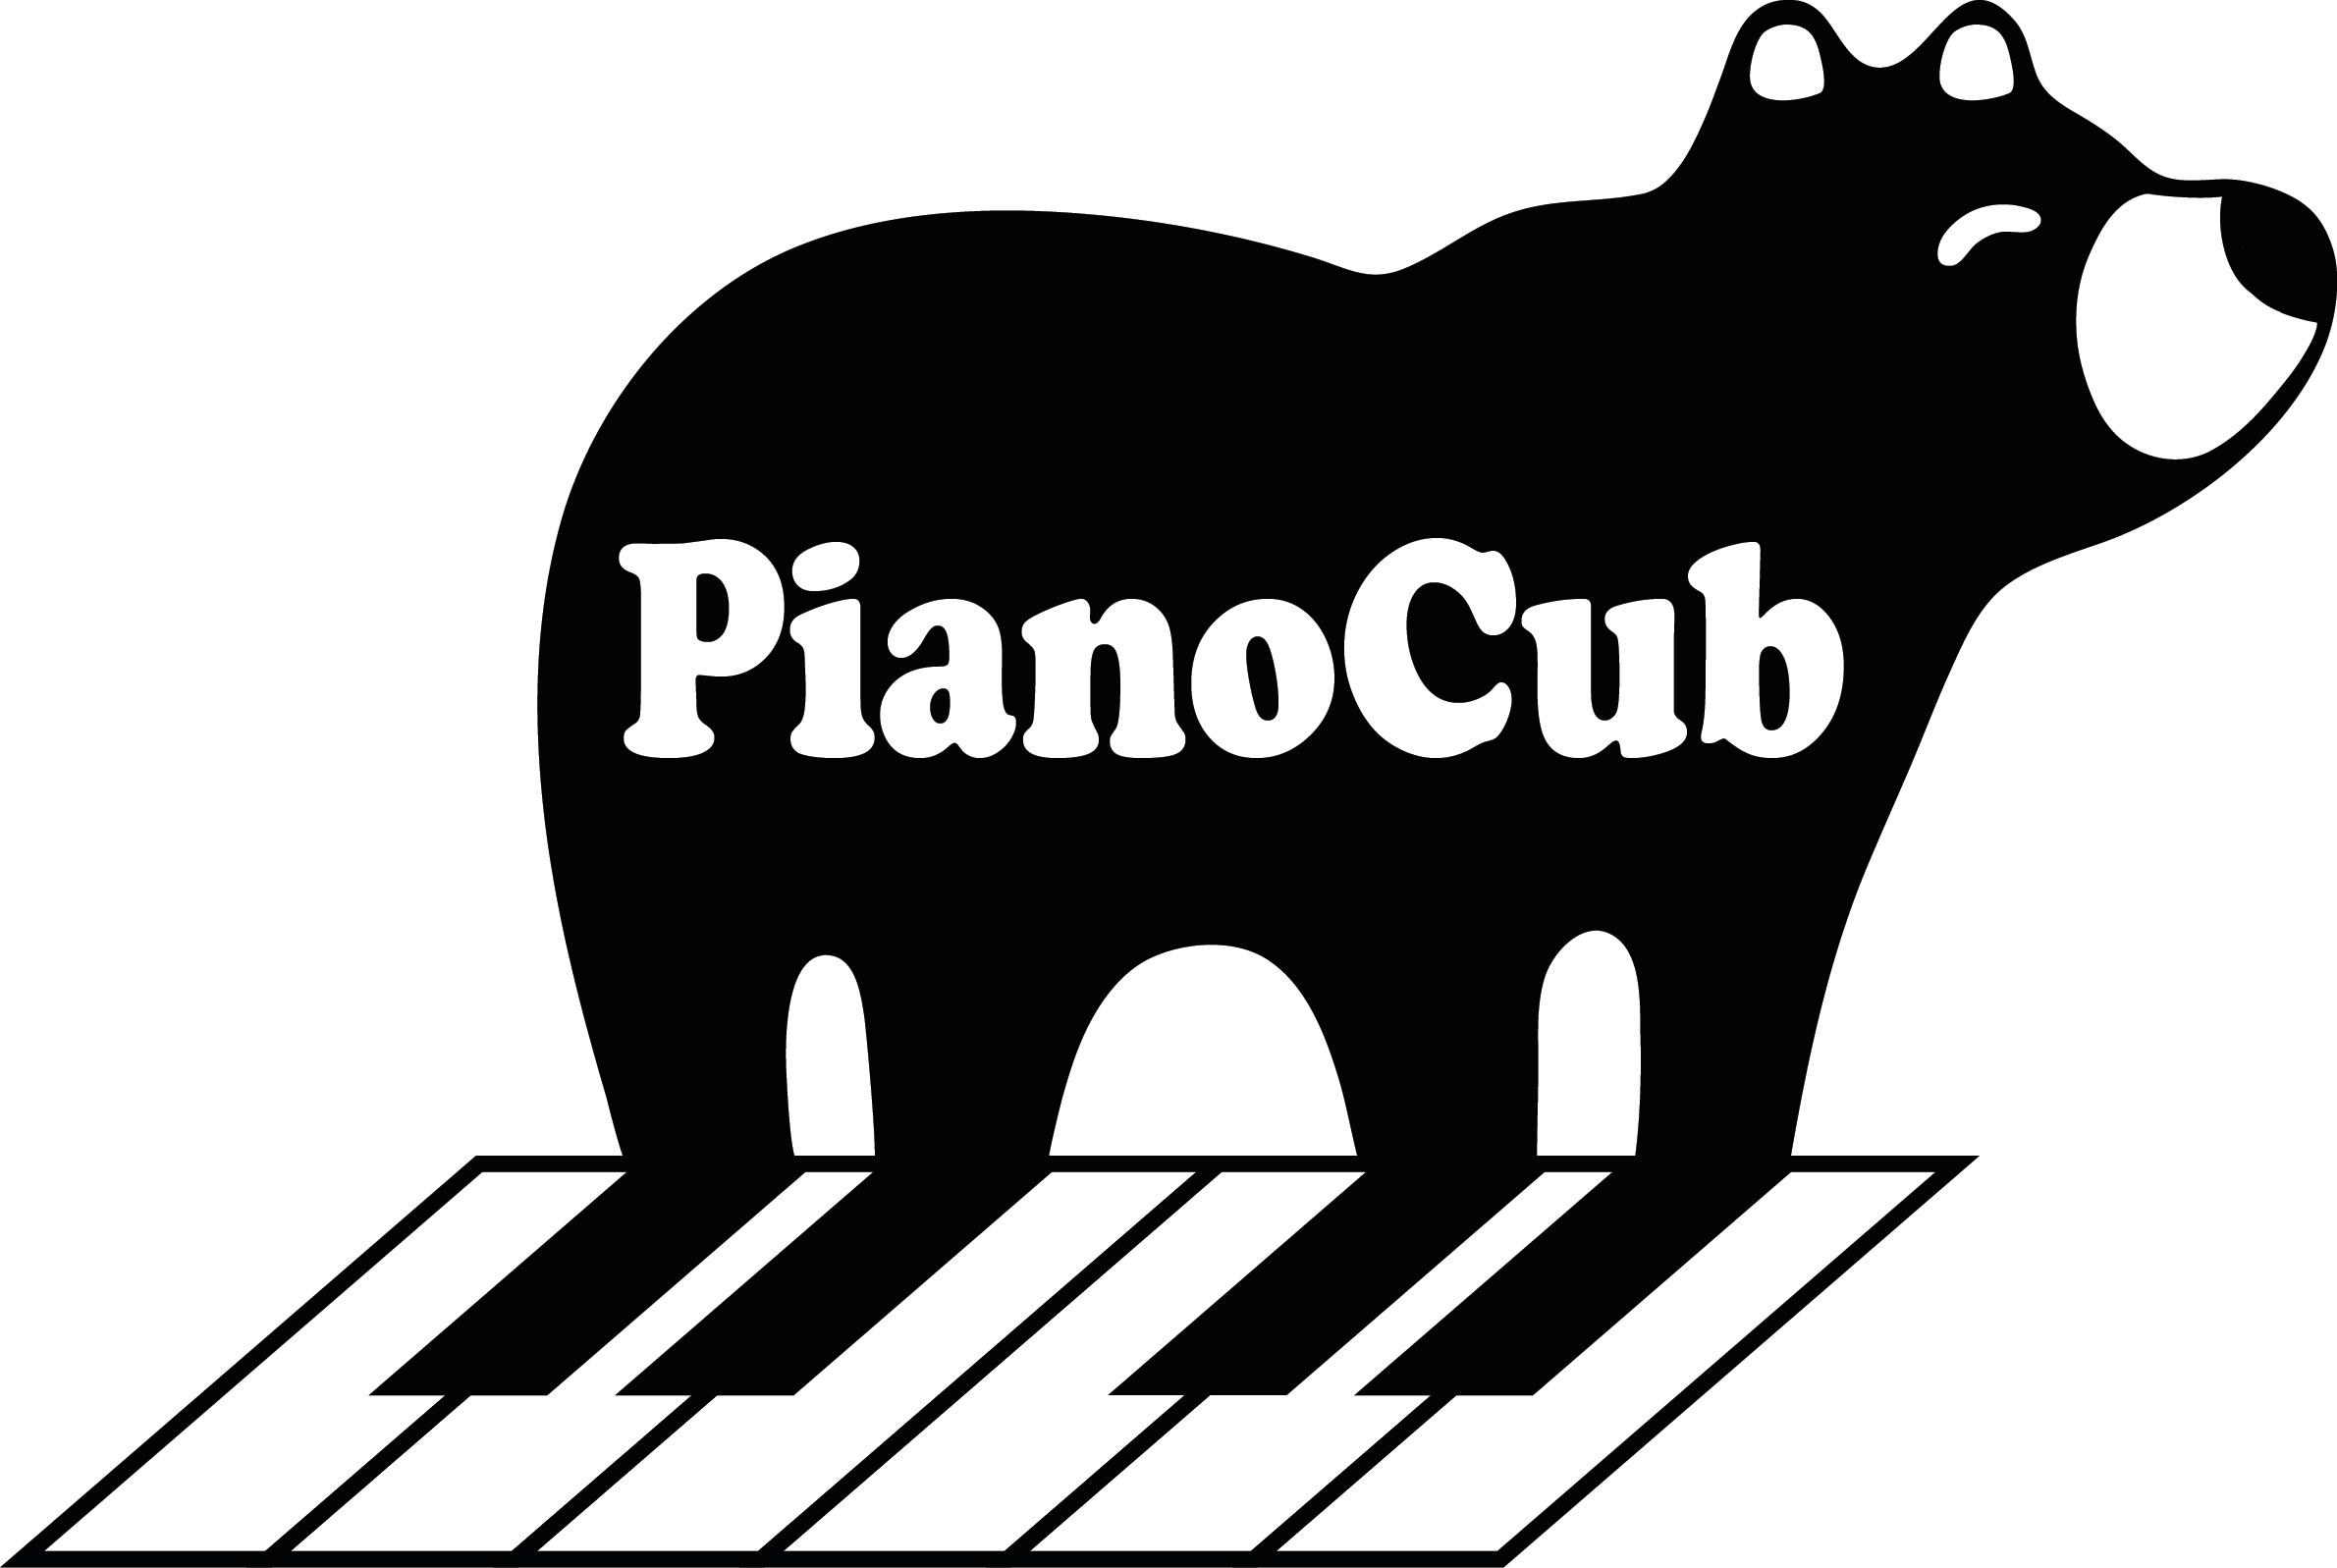 pianocub.com